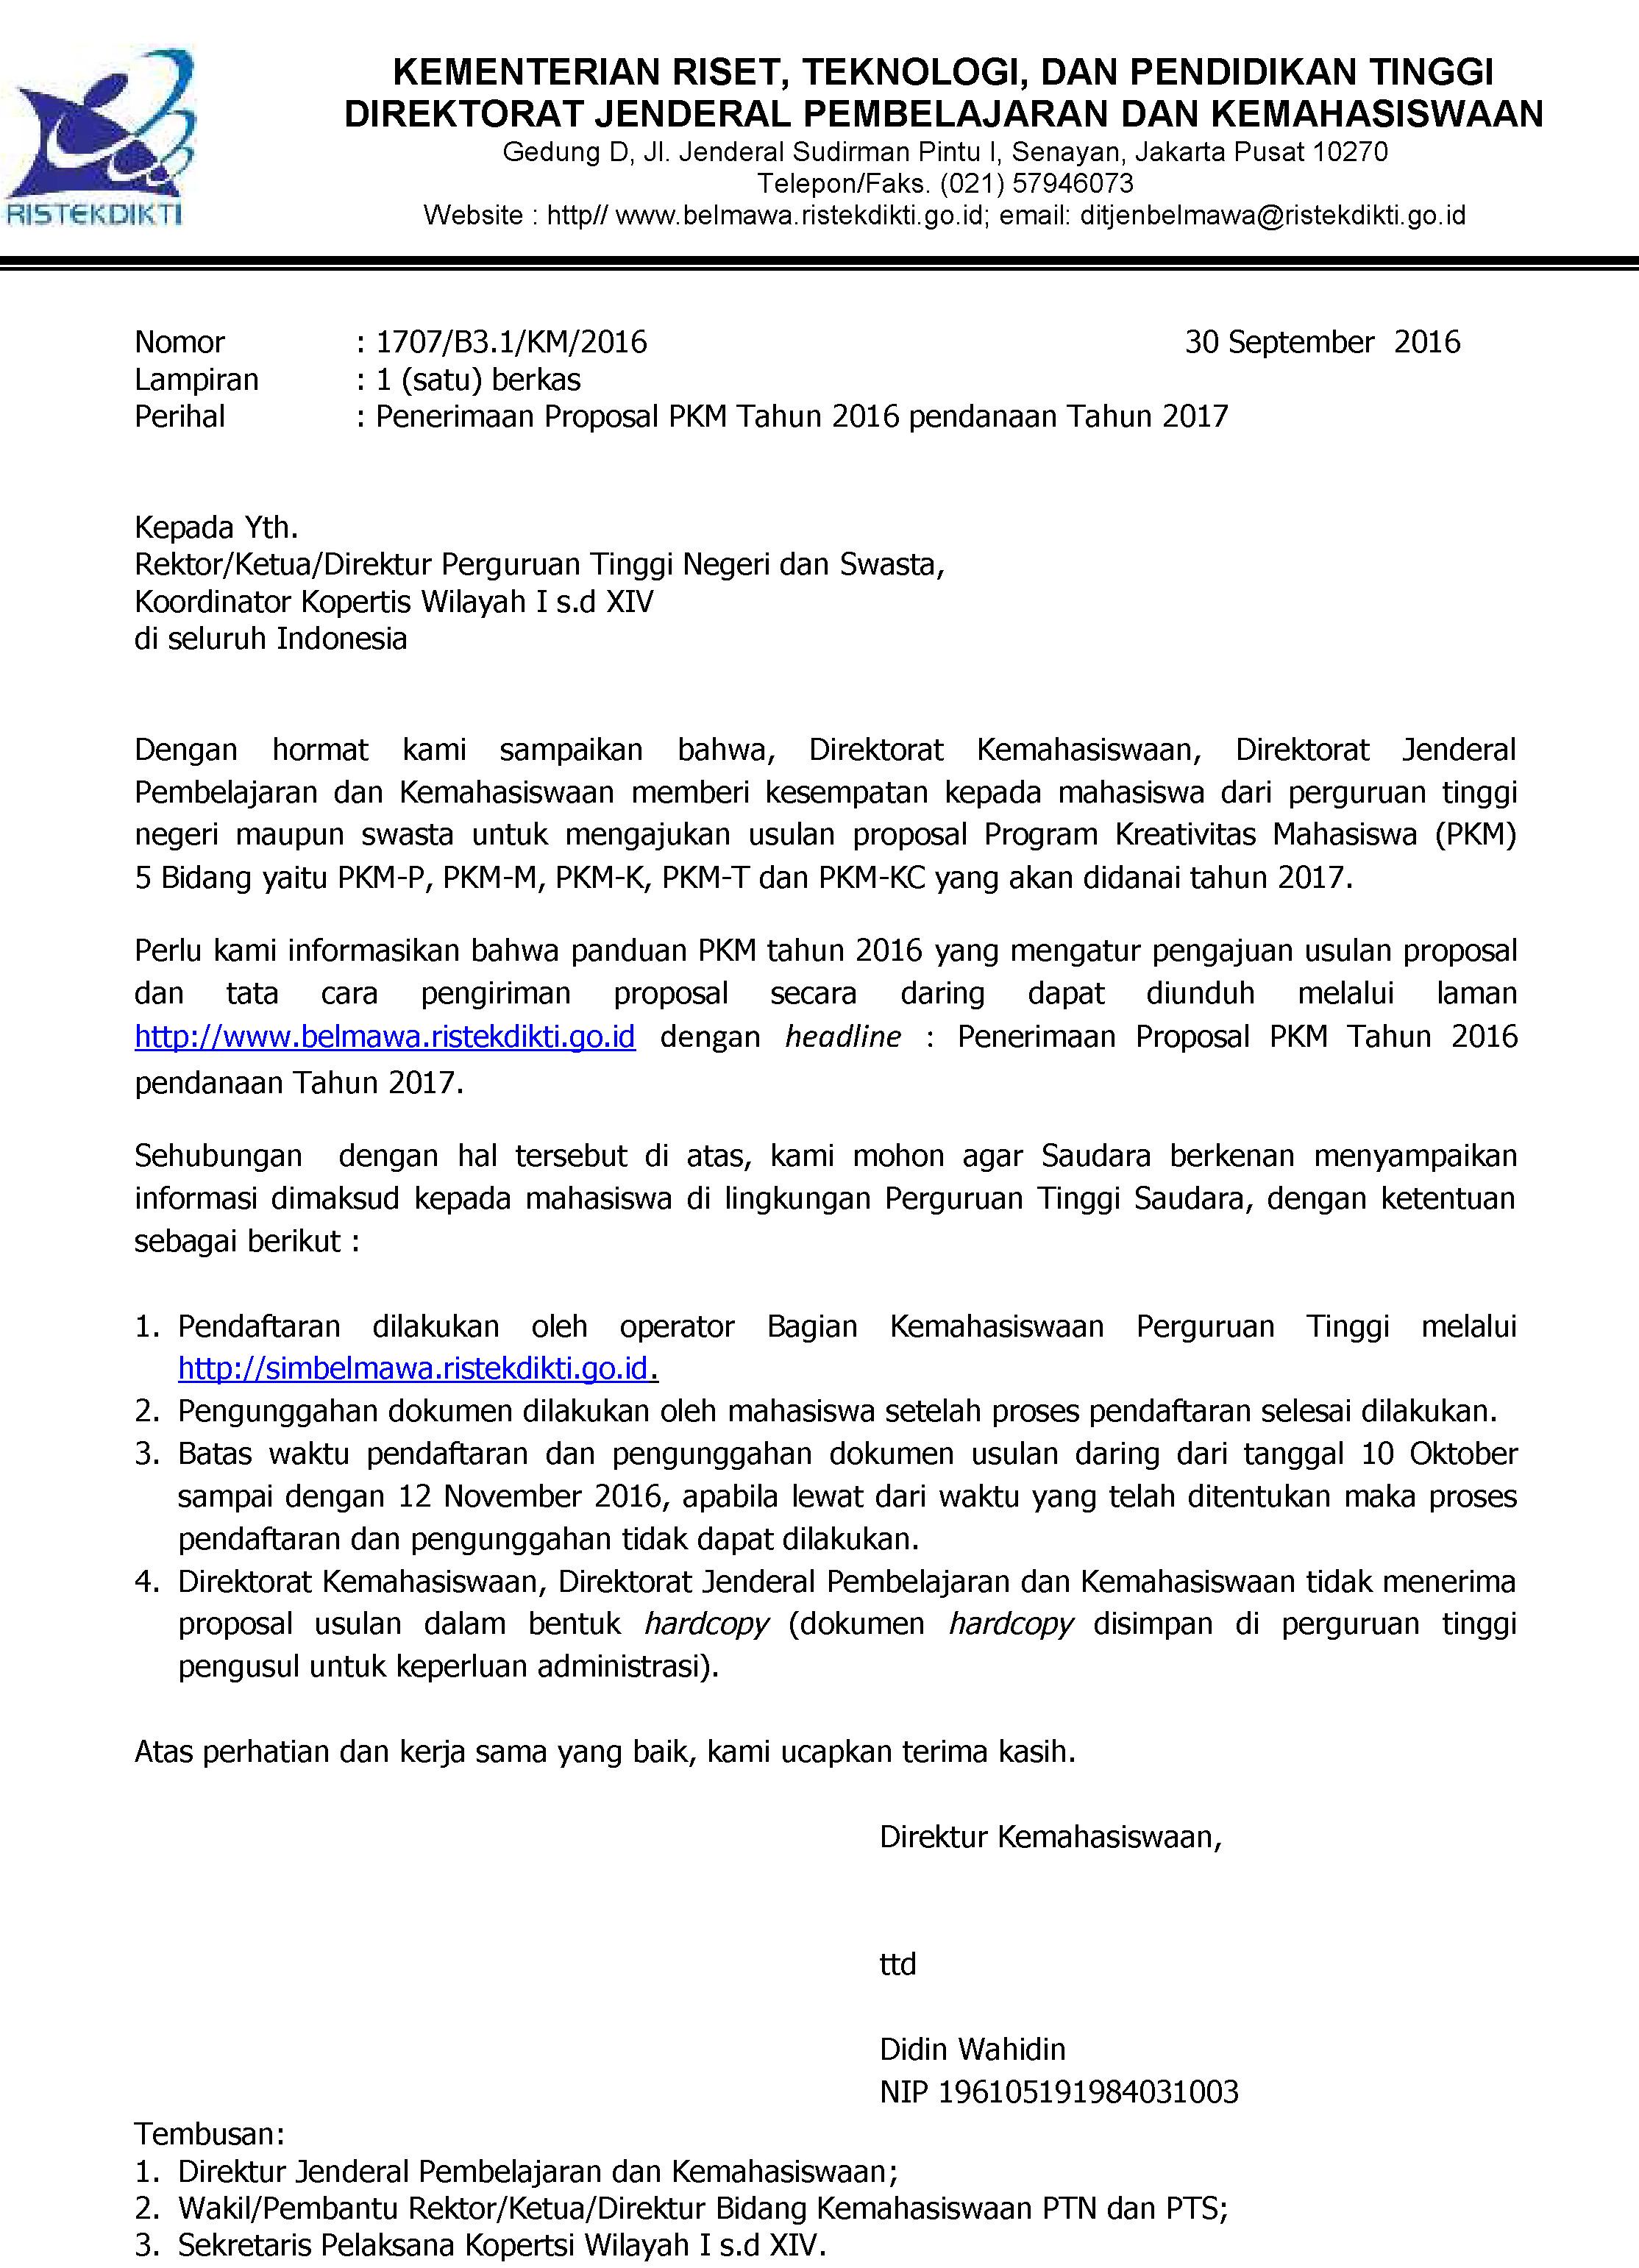 penerimaan-proposal-pkm-tahun-2016-pendanaan-tahun-2017_01